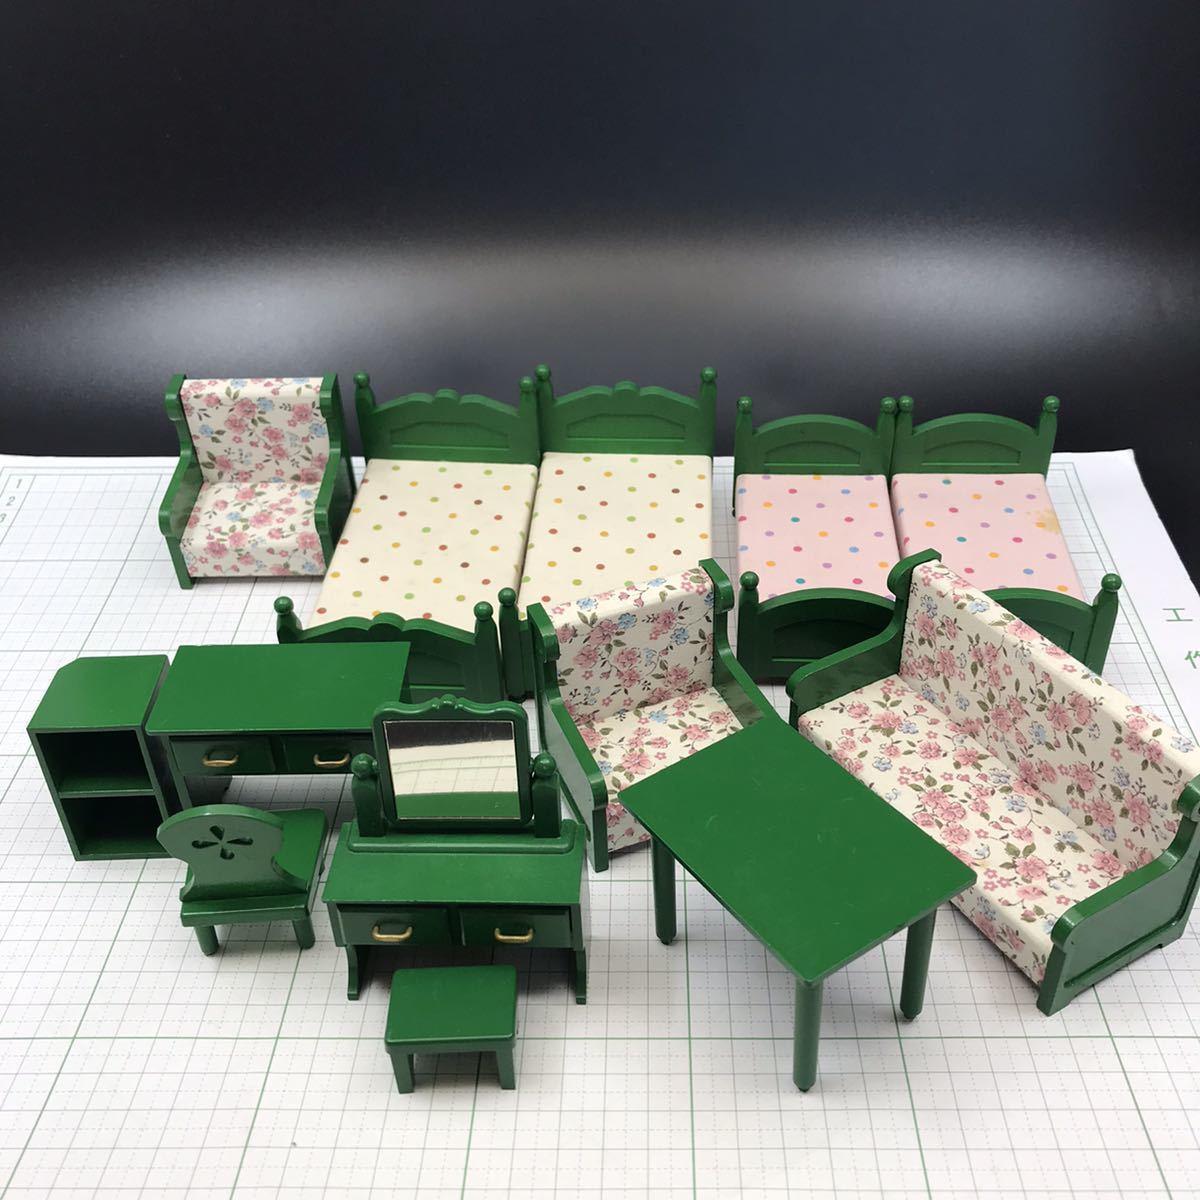 シルバニアファミリー初期家具 ベッド4個、応接セット、ドレッサー、机(日本製)